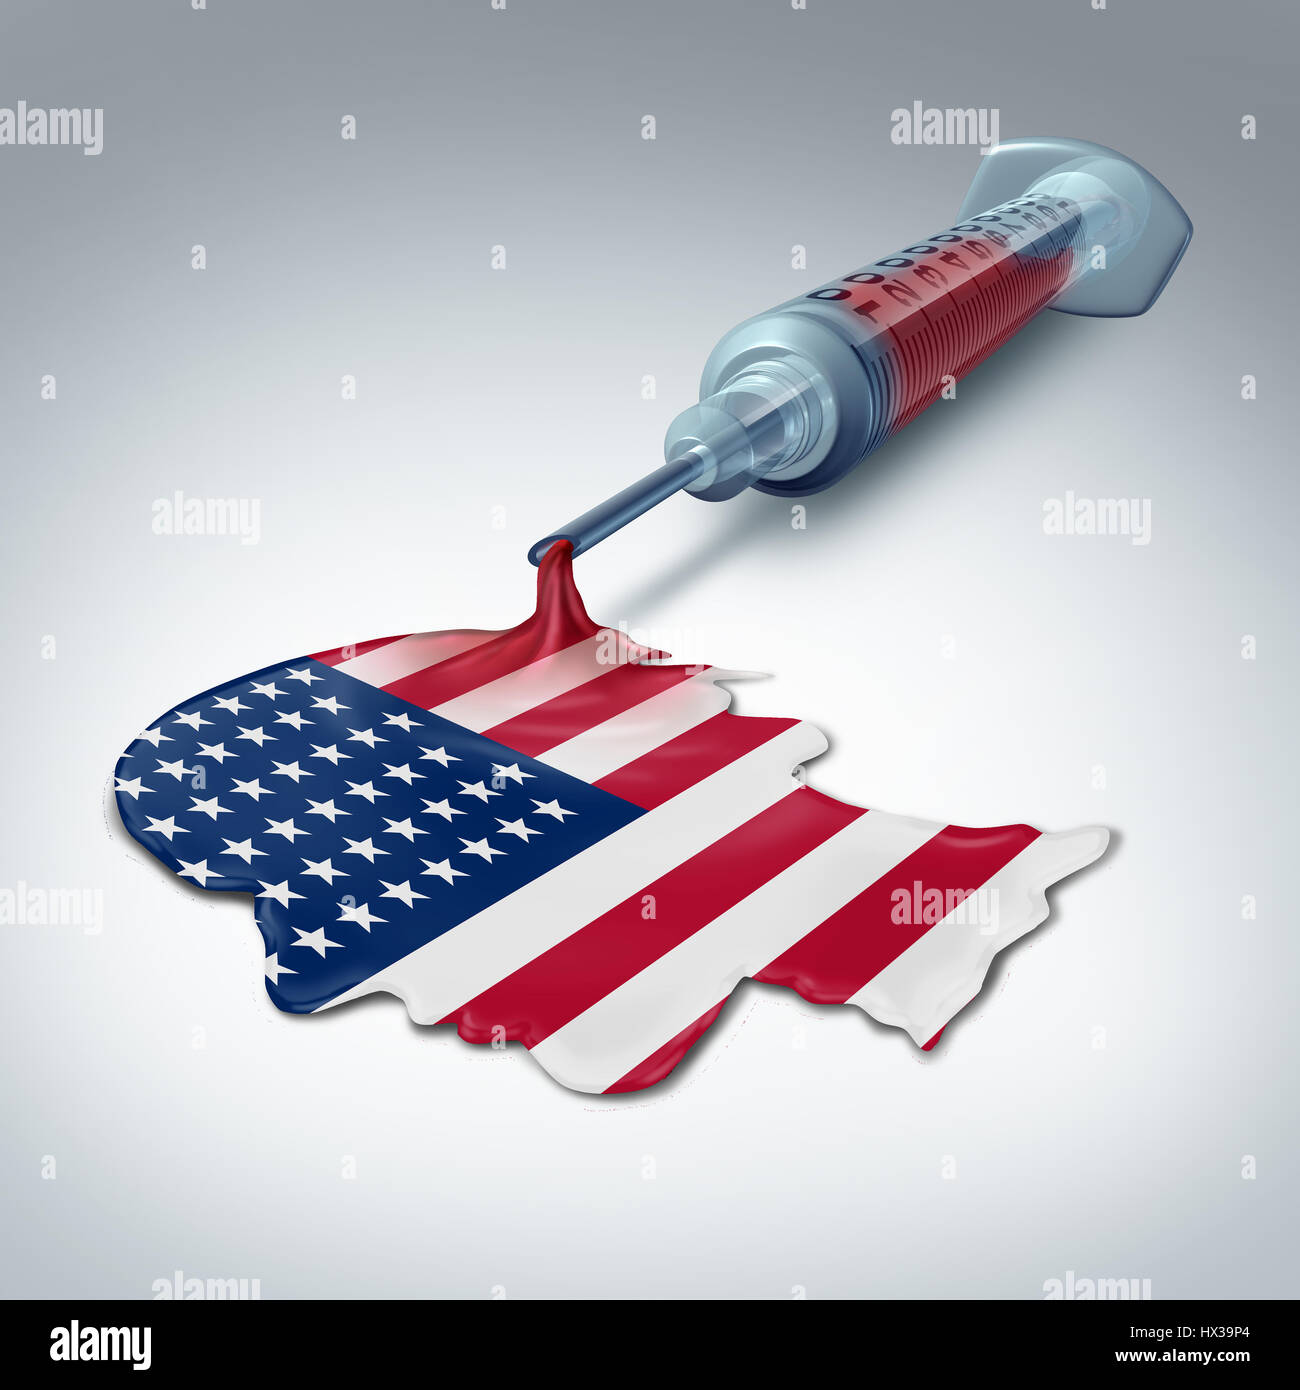 Amerikanischen Gesundheitswesen Konzept als eine Spritze Freigabe Flüssigkeit geformt wie ein menschlicher Stockbild